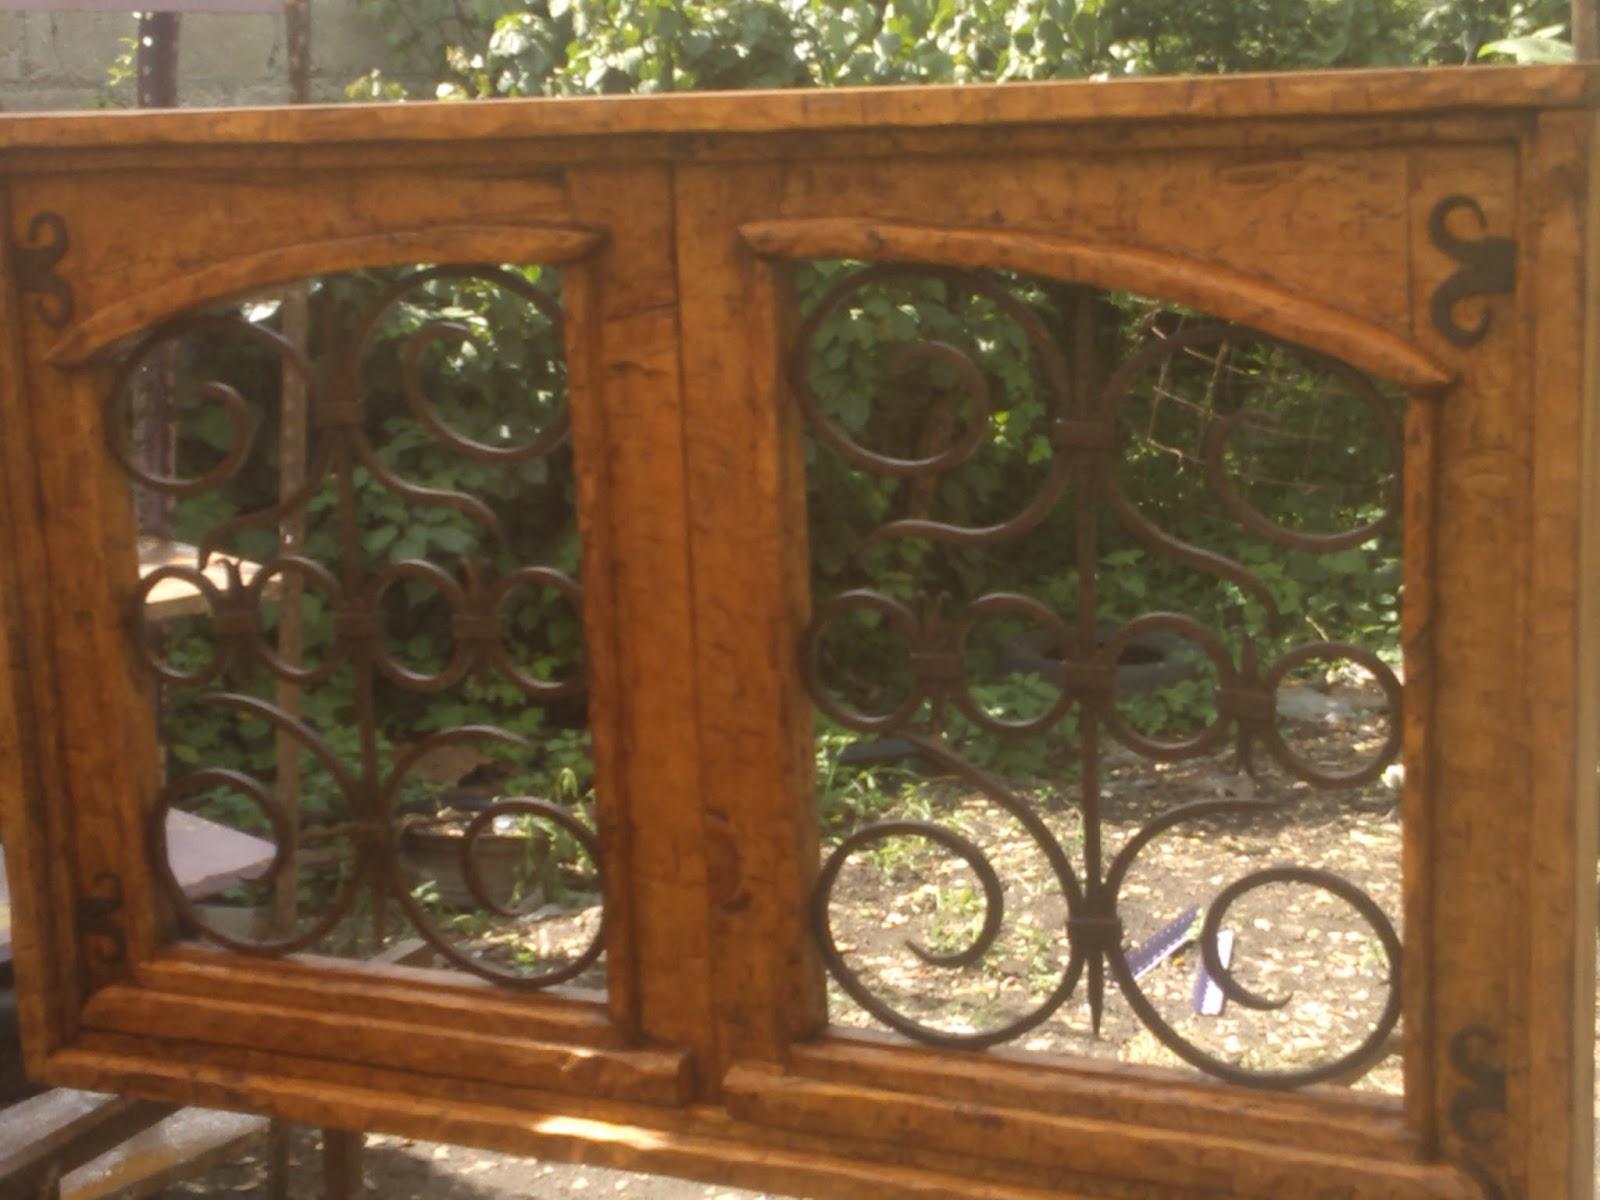 fotos de muebles de herreria - VISITA A FABRICANTES DE MUEBLES ARTESANALES DE